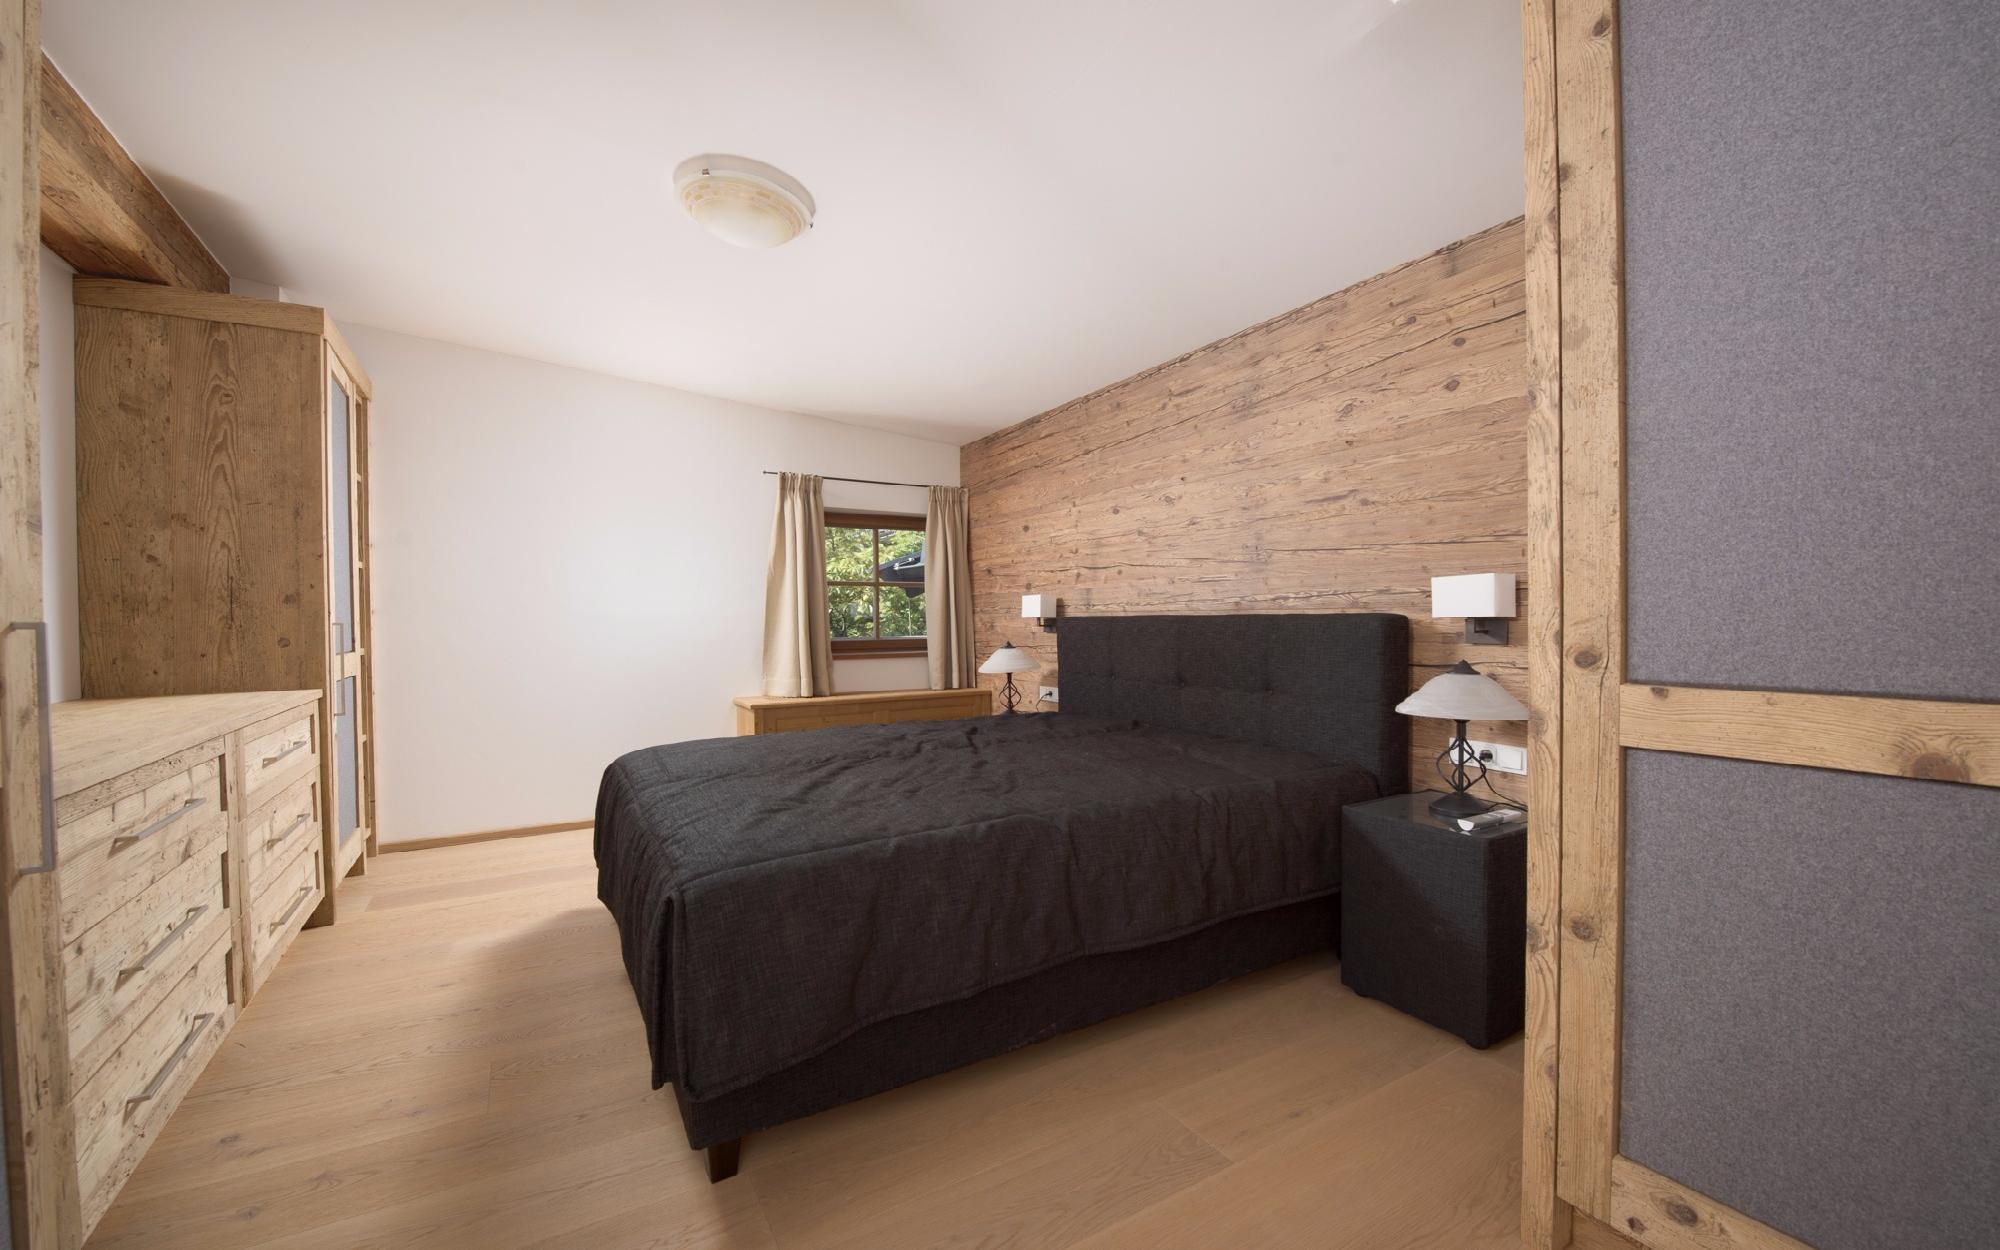 Immobilien - Luxus-Penthouse im modernen Alpinstil im Herzen der Gamsstadt, Kitzbuehel